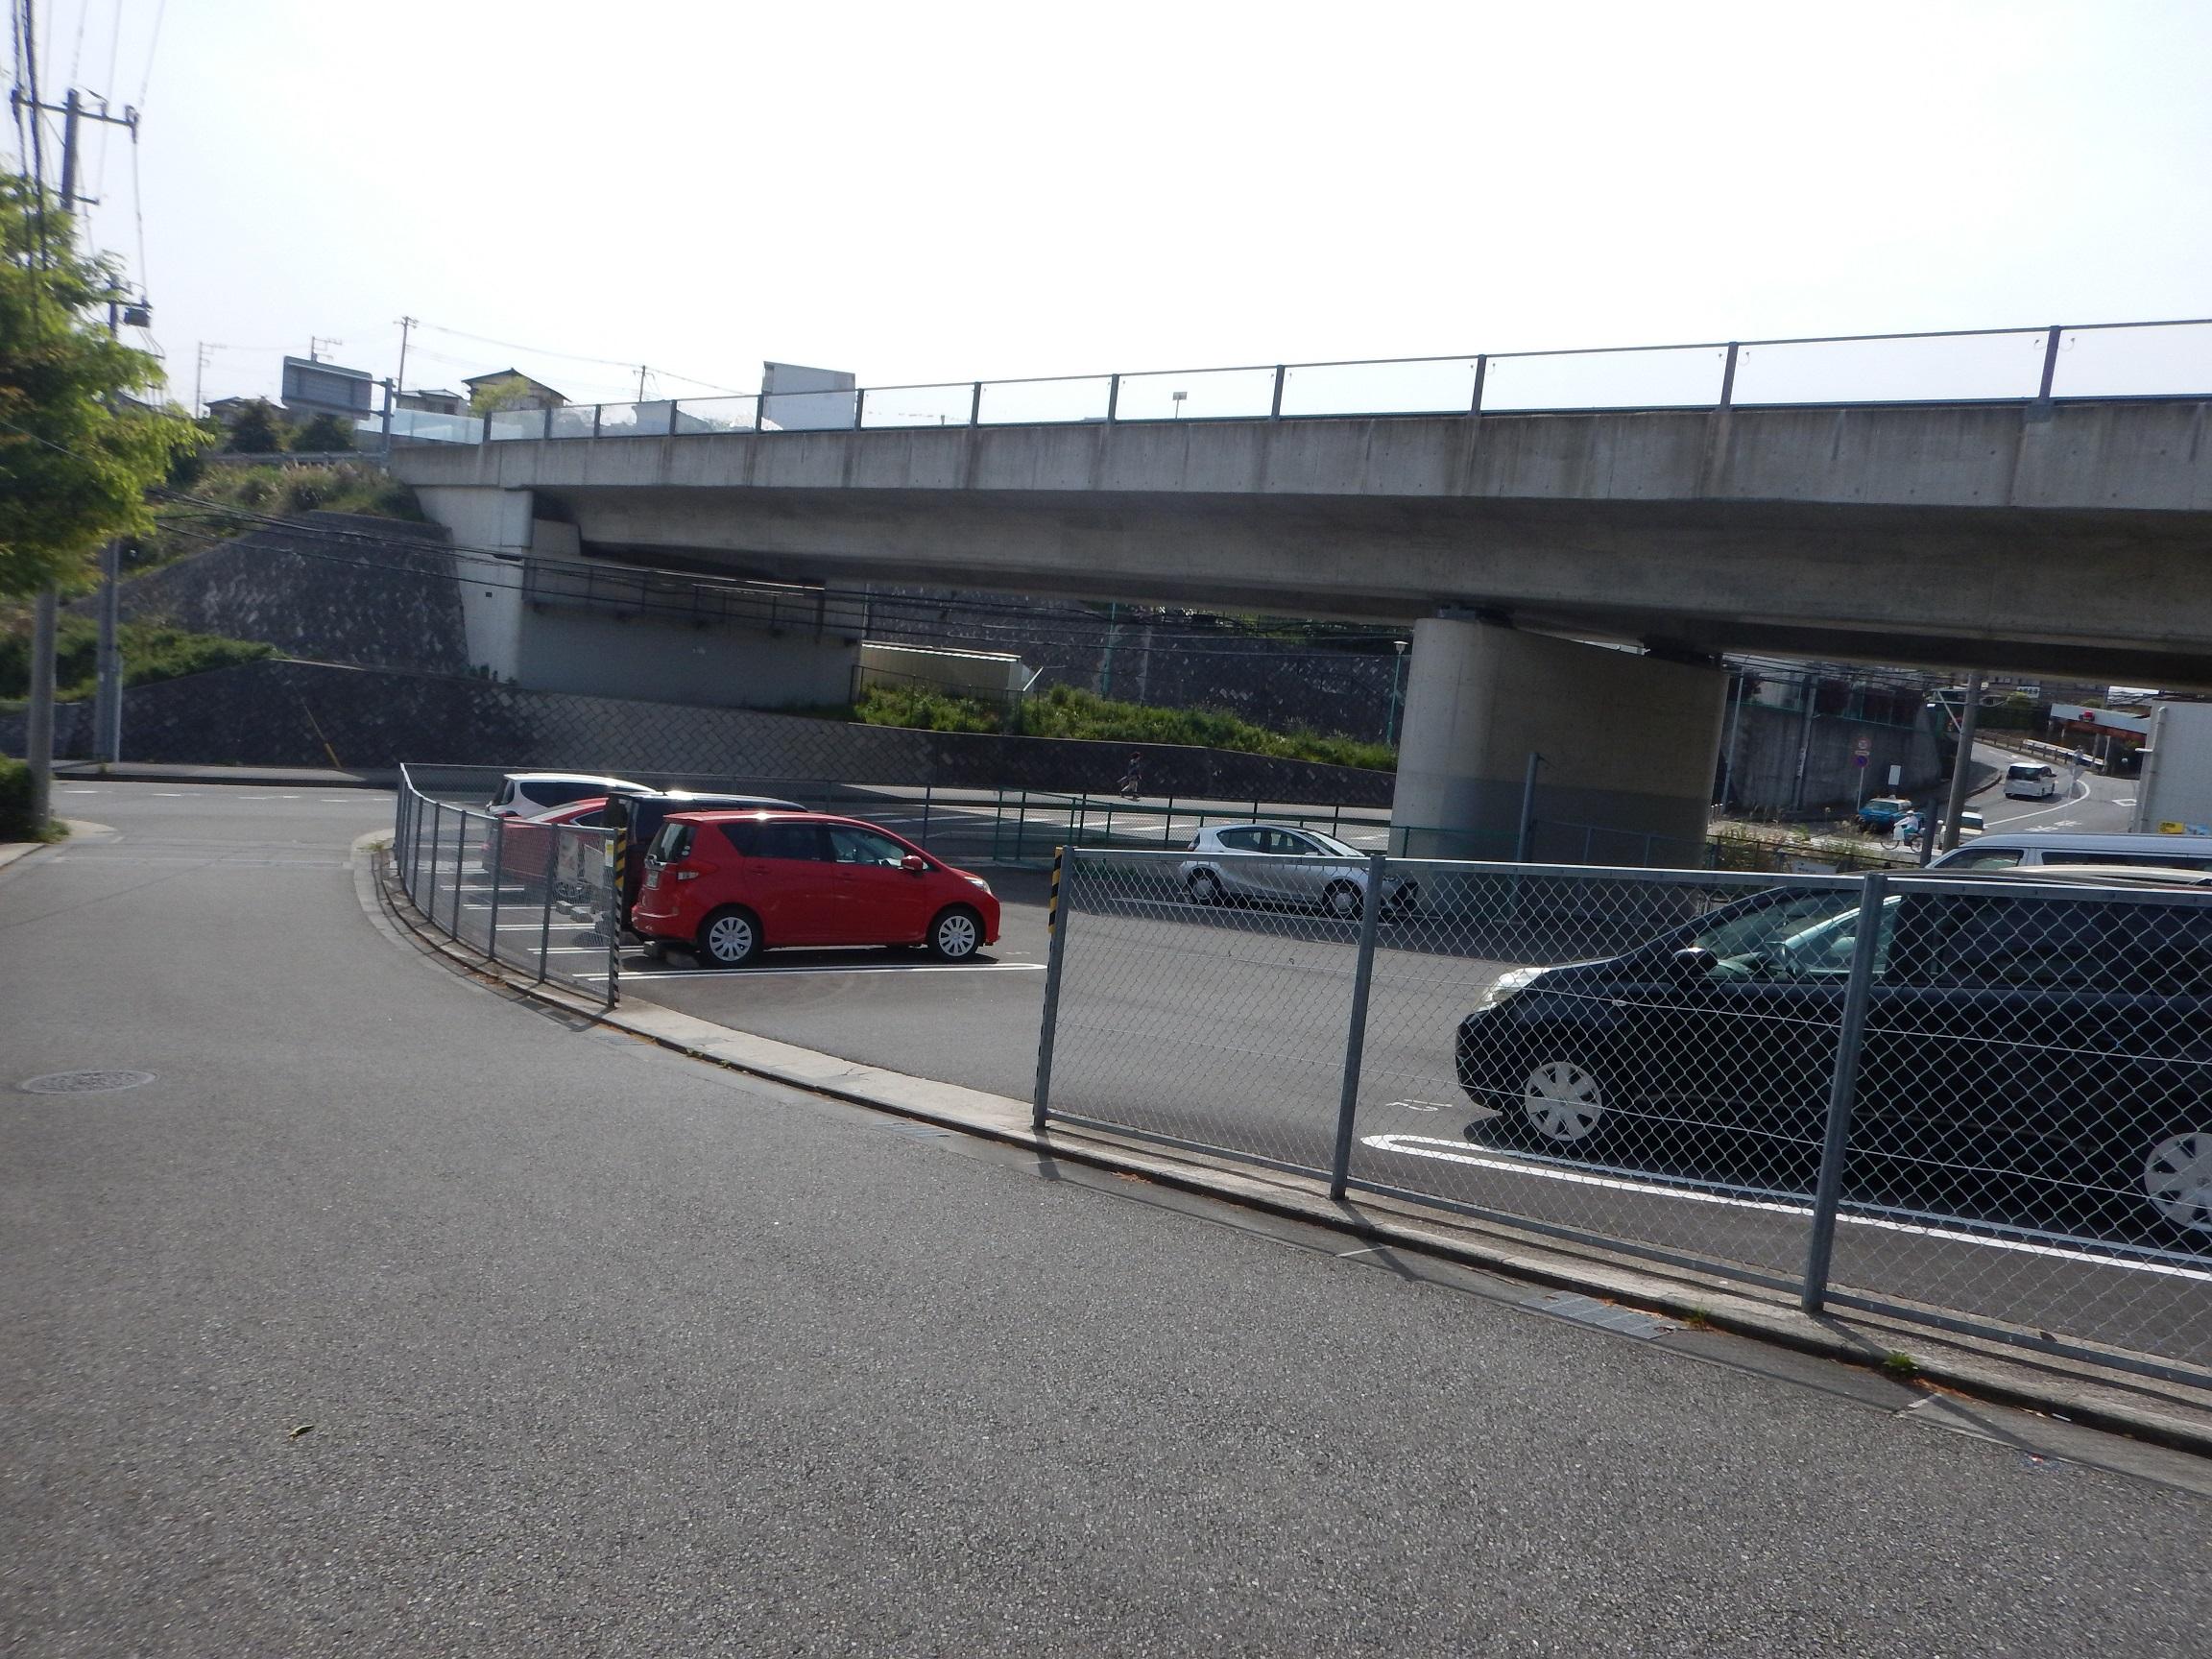 横浜横須賀道路 浦賀駐車場